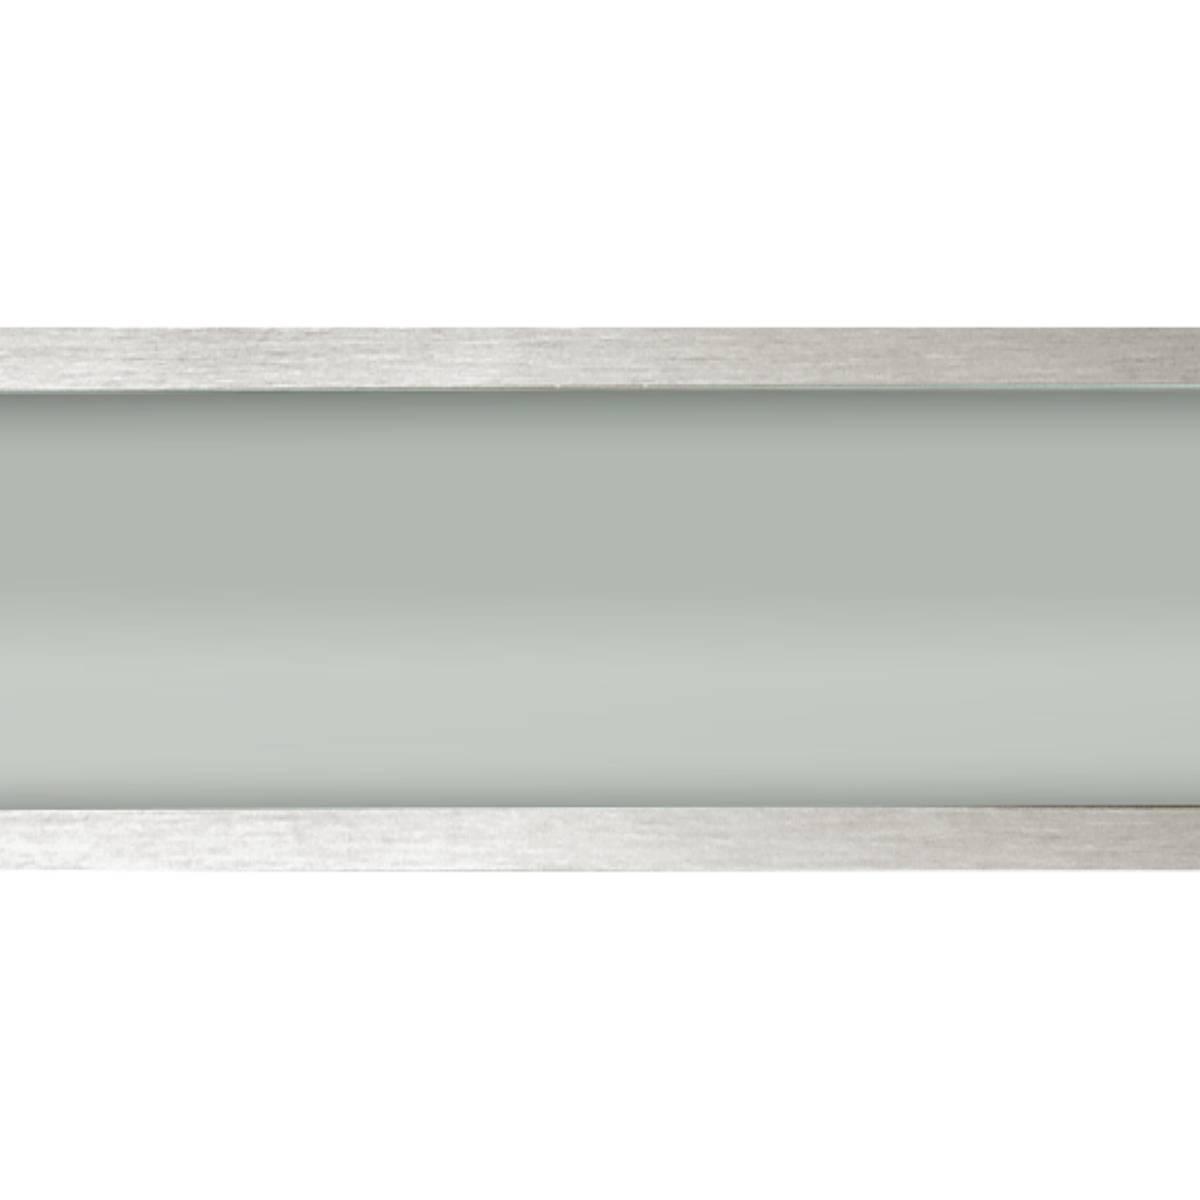 Plafon Space Sobr. Ret. 75cm Alum. Vidro Fosco 2x20w Fluor. Escovado 05 Unidades